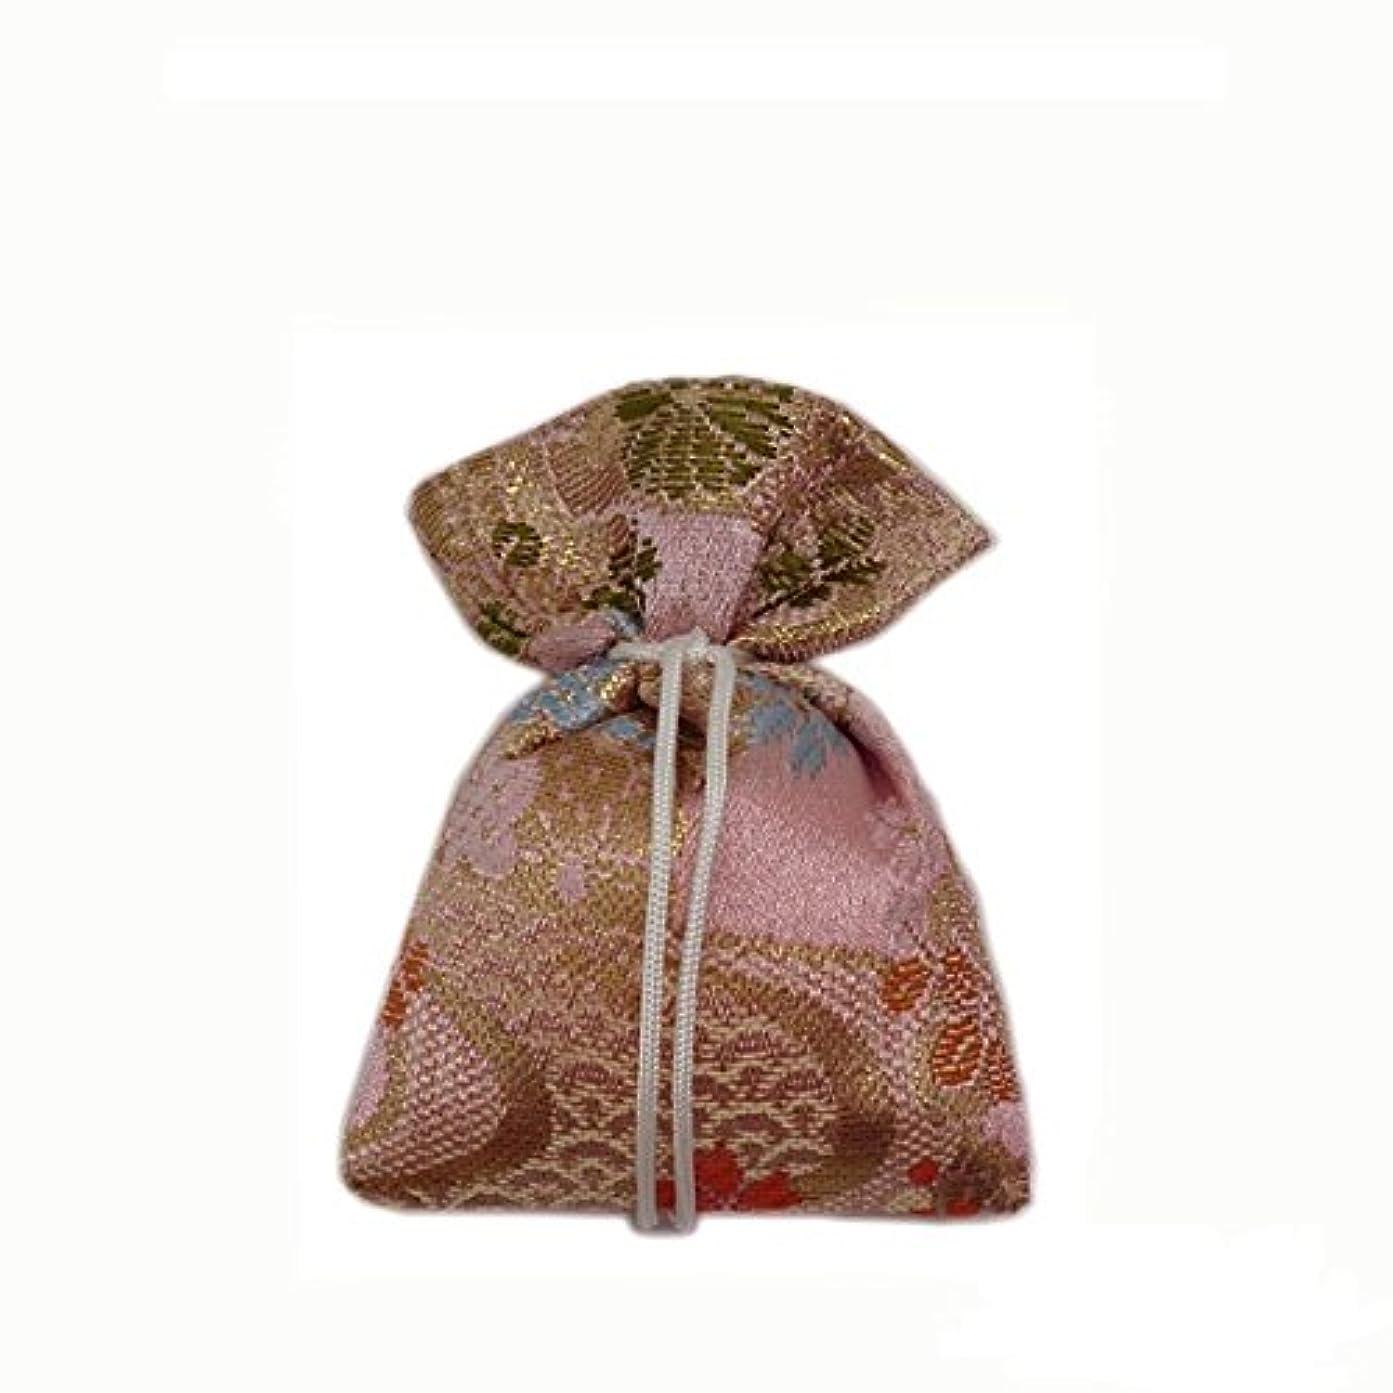 追う誇張敬意を表する匂袋 巾着 金襴中 ピンク系